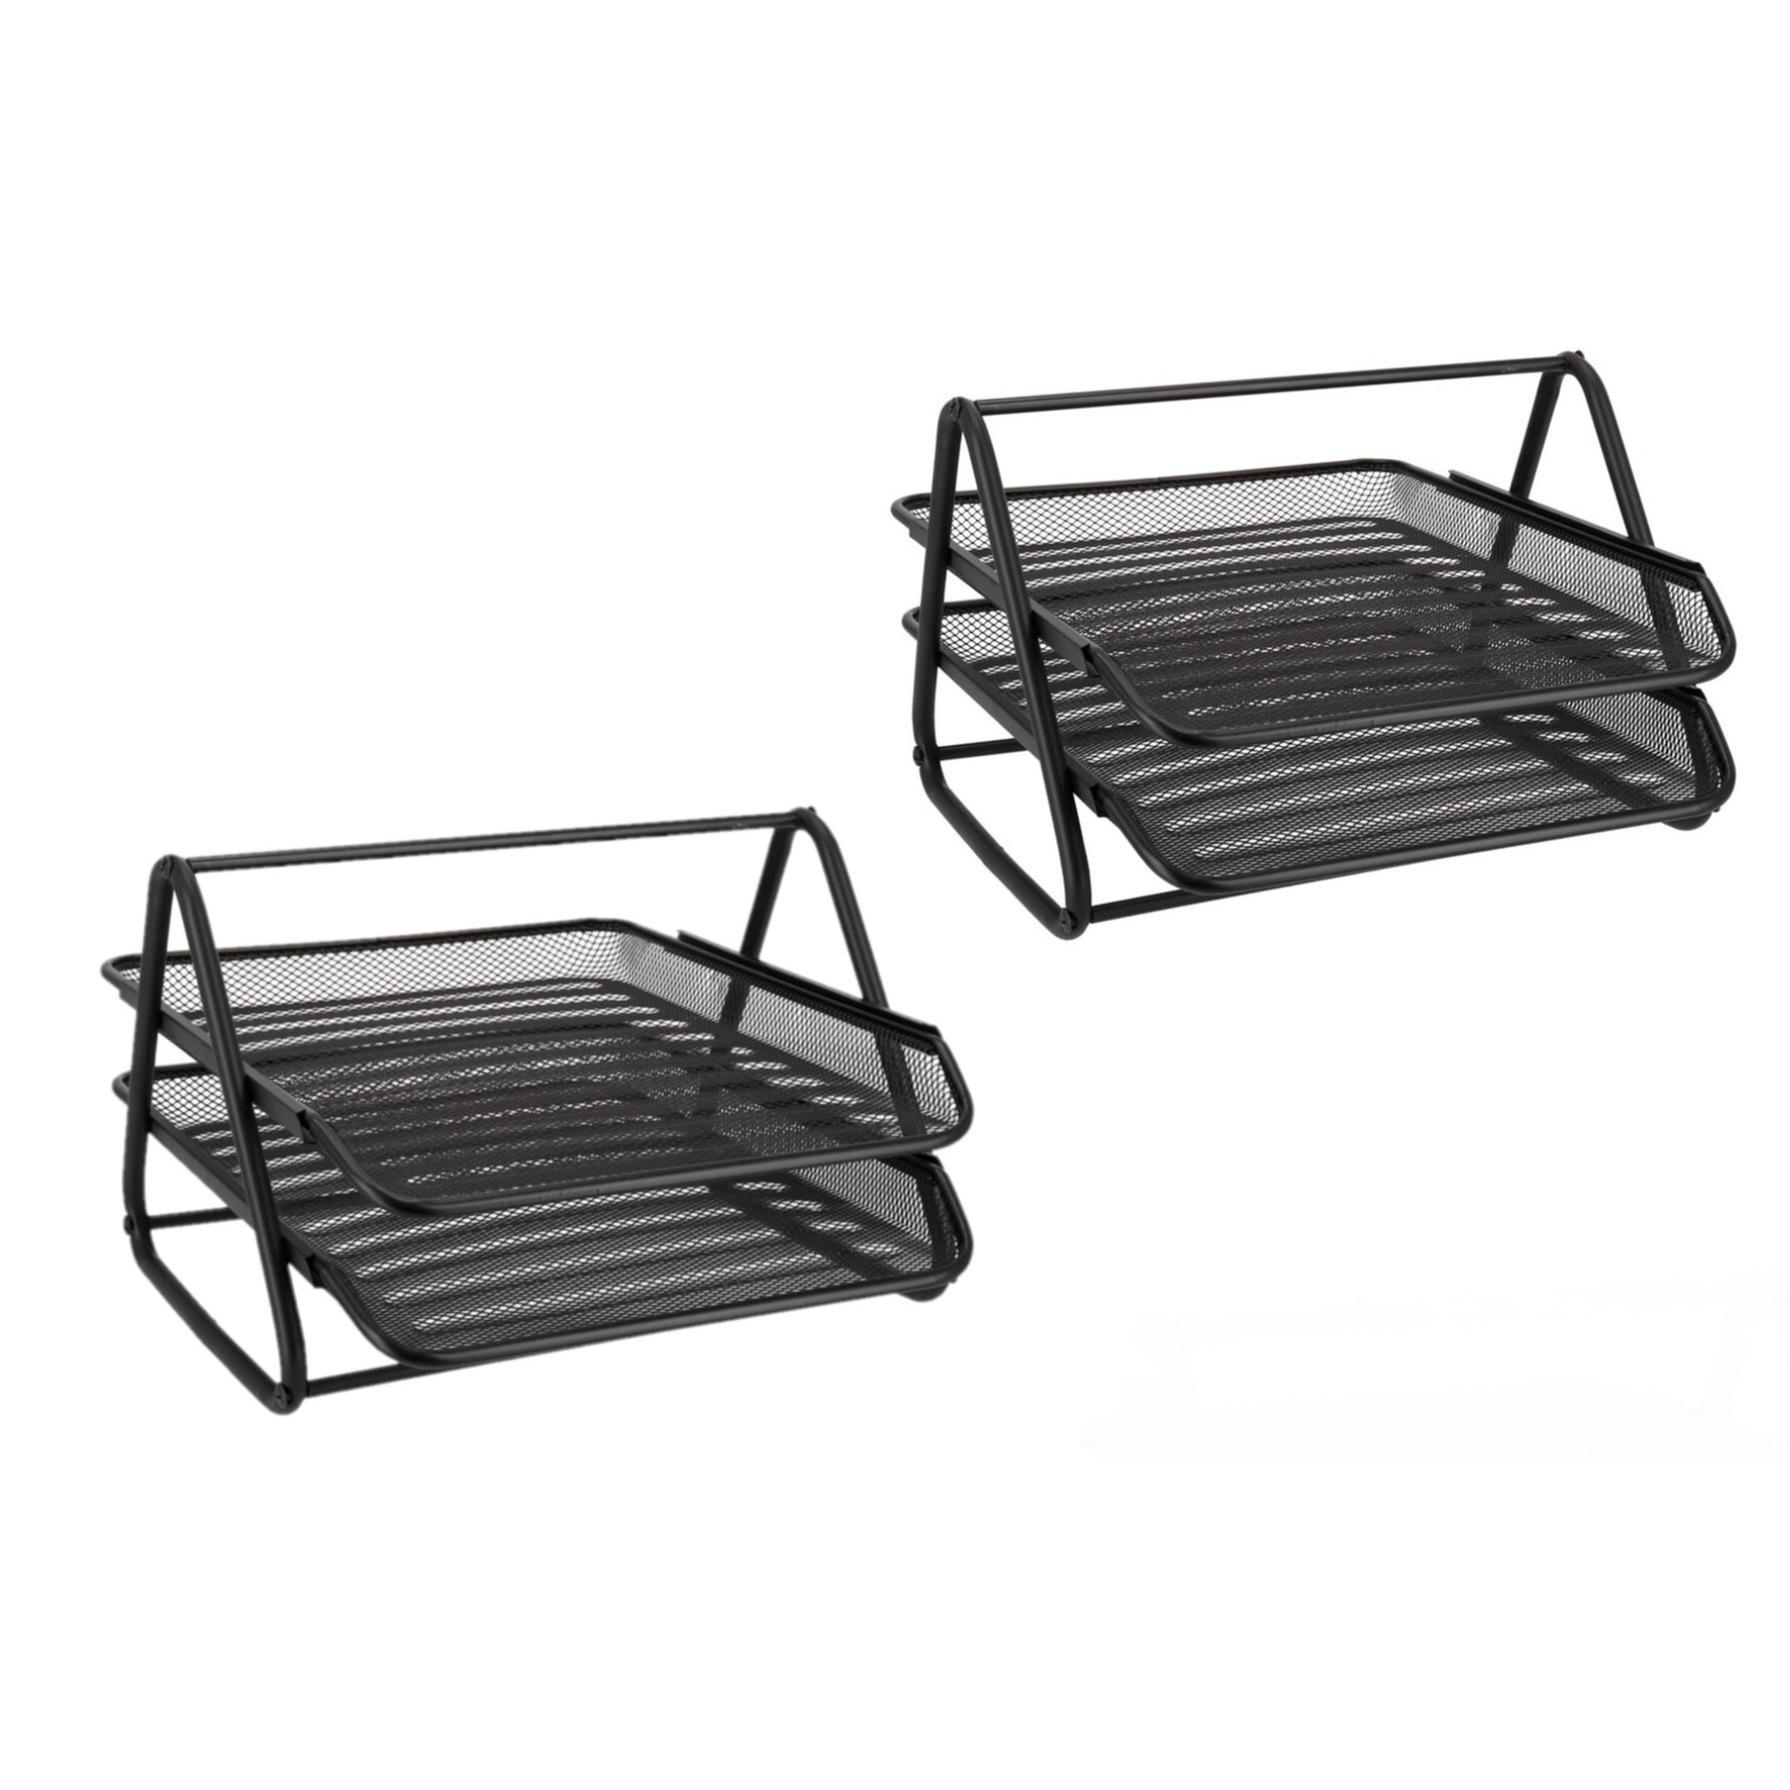 Set van 3x stuks postbakjeken postbakken sorteerrek van draadmetaal zwart 34 x 29 cm